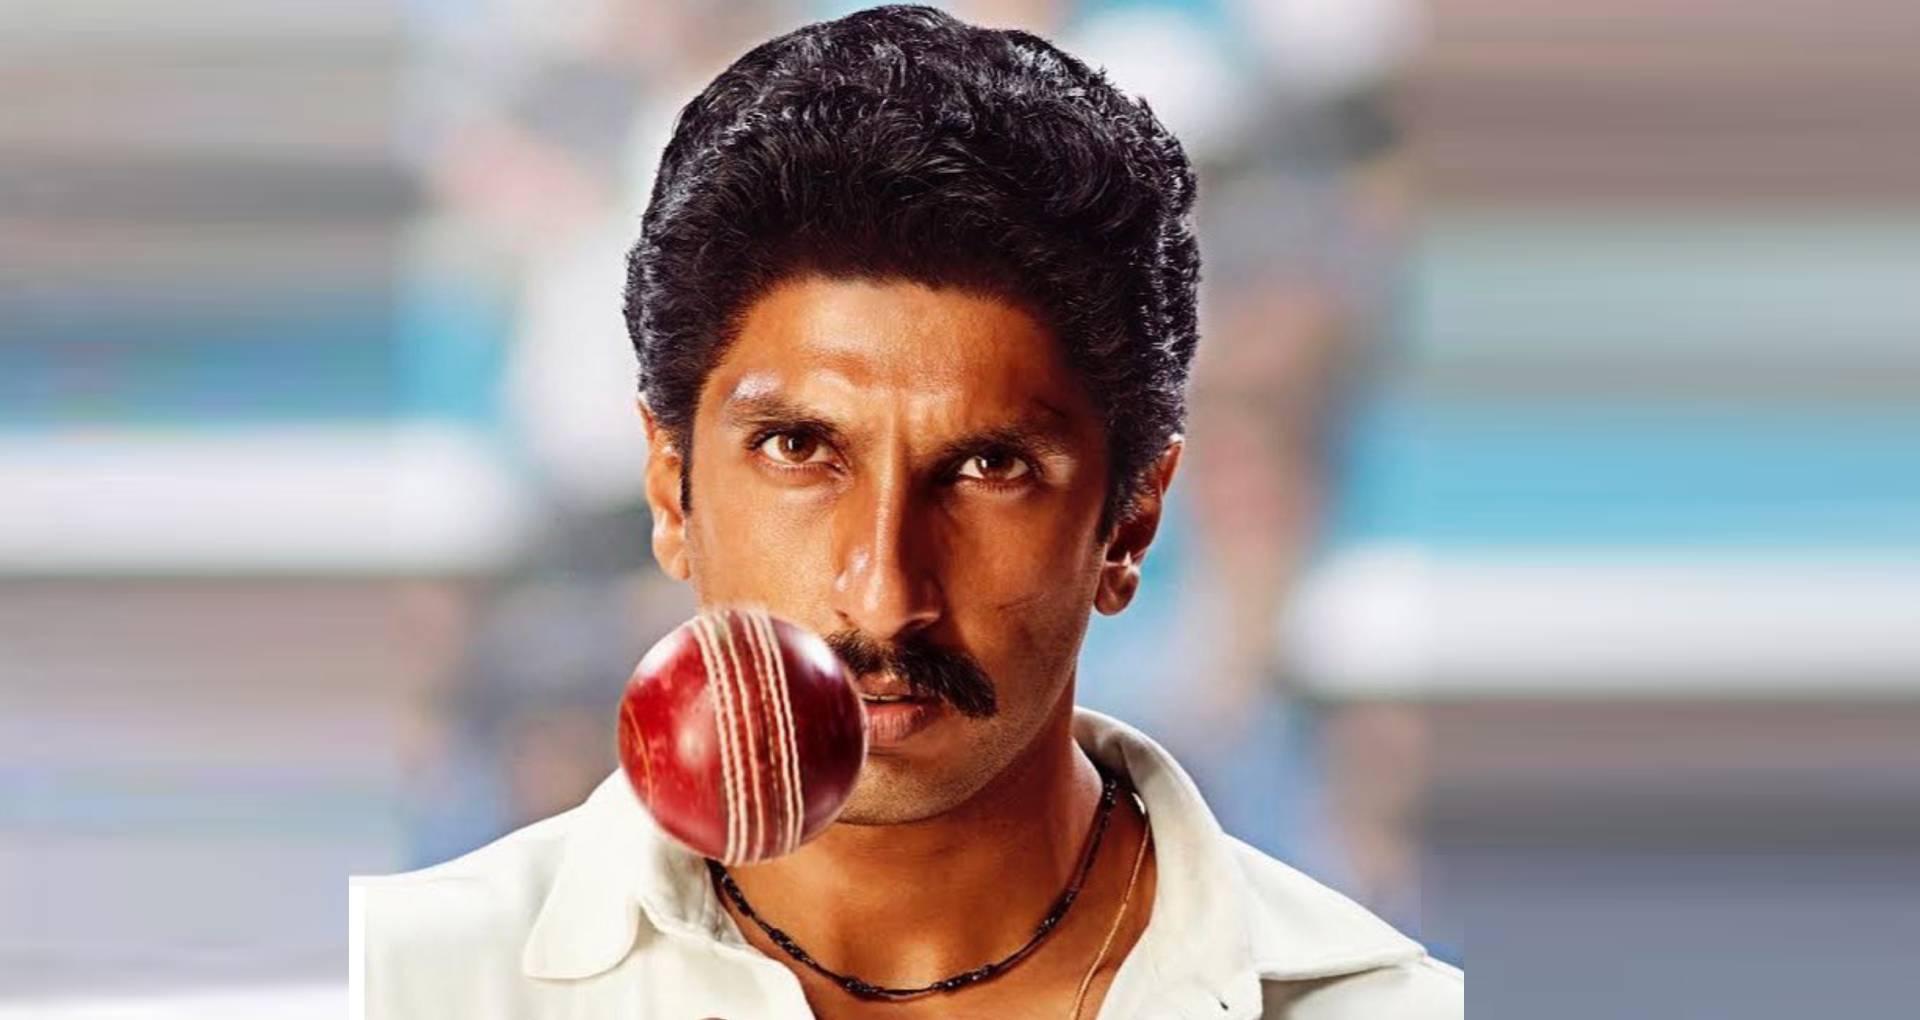 रणवीर सिंह ने अपने बर्थडे पर लॉन्च किया फिल्म 83 का फर्स्ट लुक, कपिल देव की तरह गेंद घुमाते दिखे एक्टर